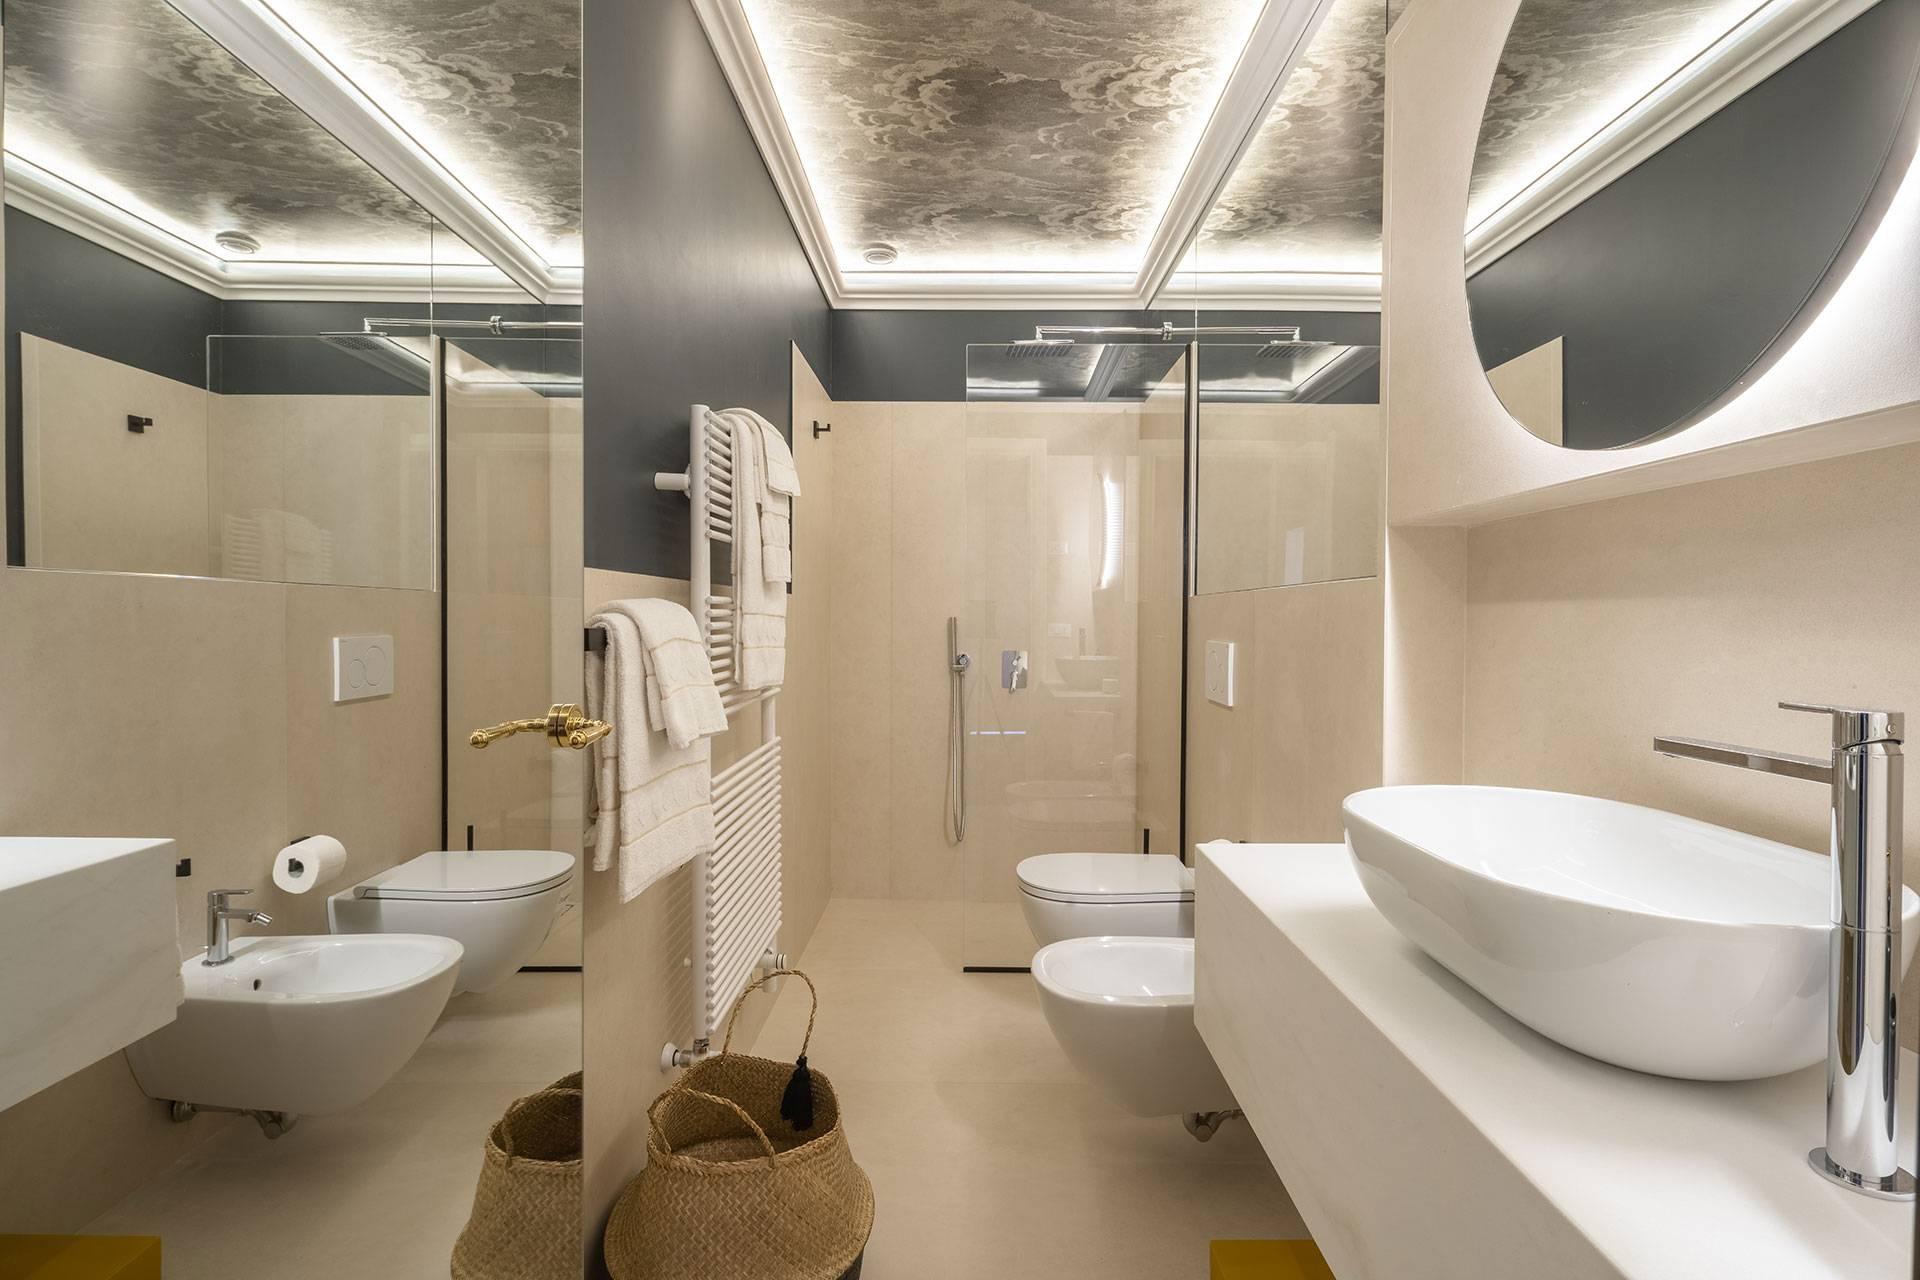 3rd floor: 2nd bathroom